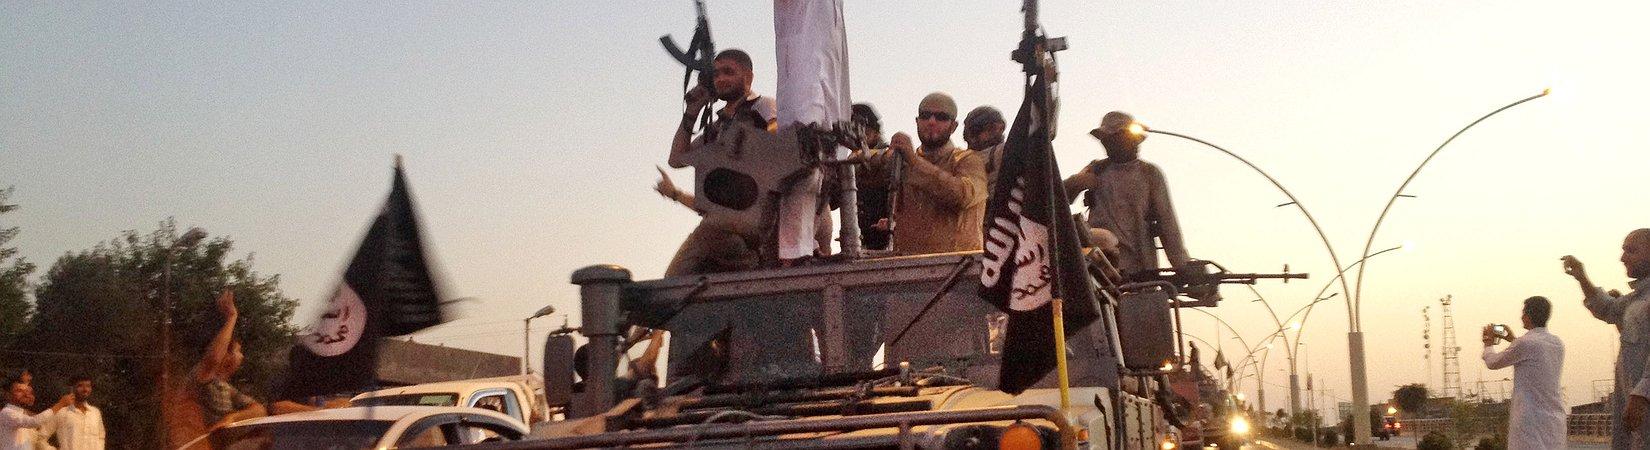 ISIS als dürftiger Al-Qaida Ersatz